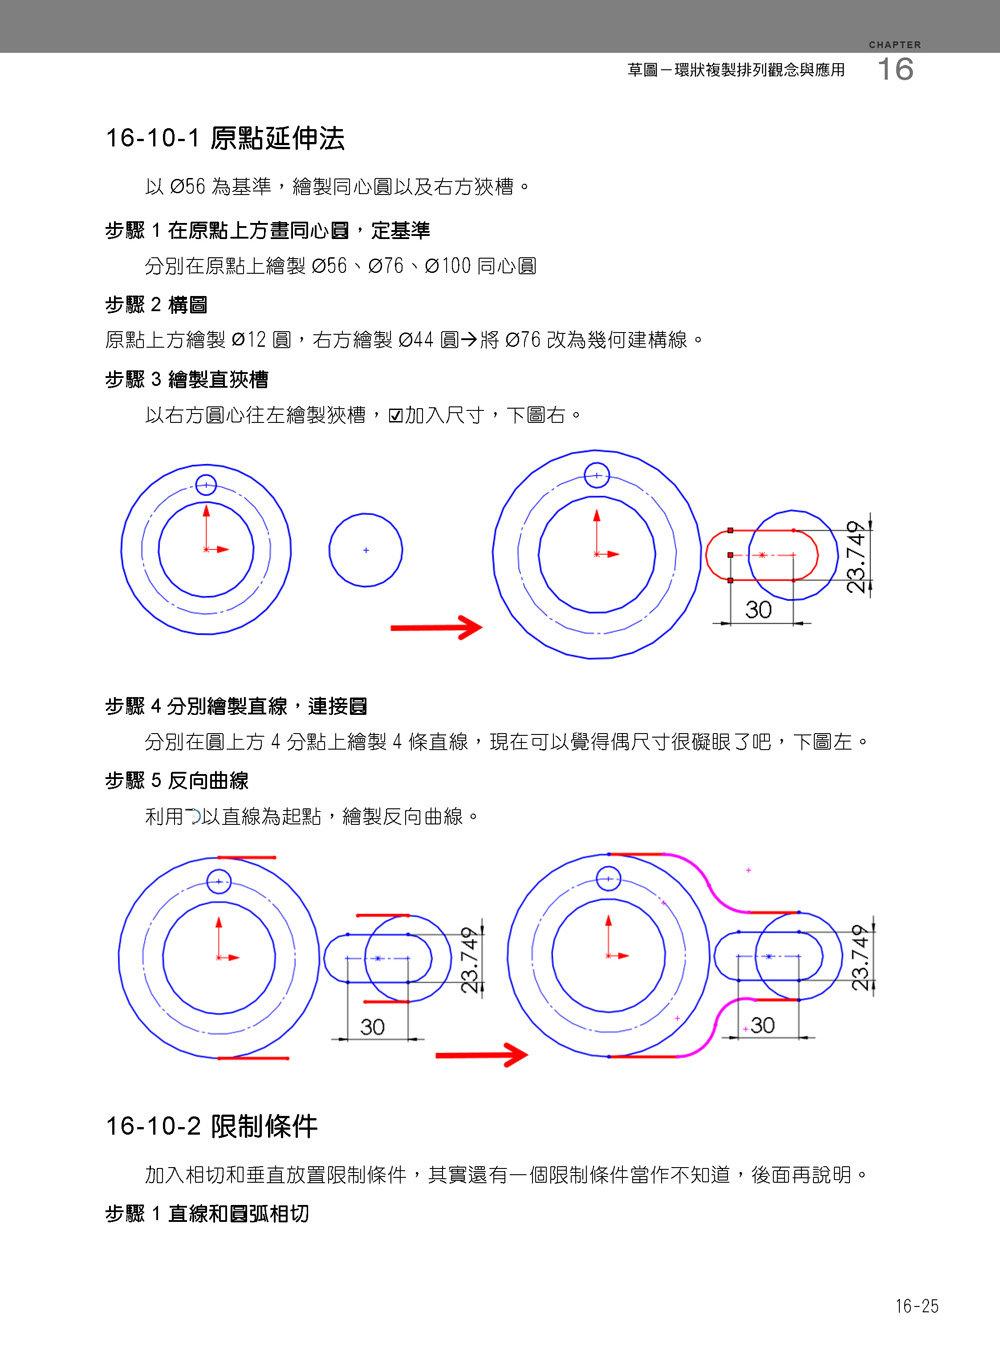 SolidWorks專業工程師訓練手冊[1]-基礎零件, 2/e-preview-23